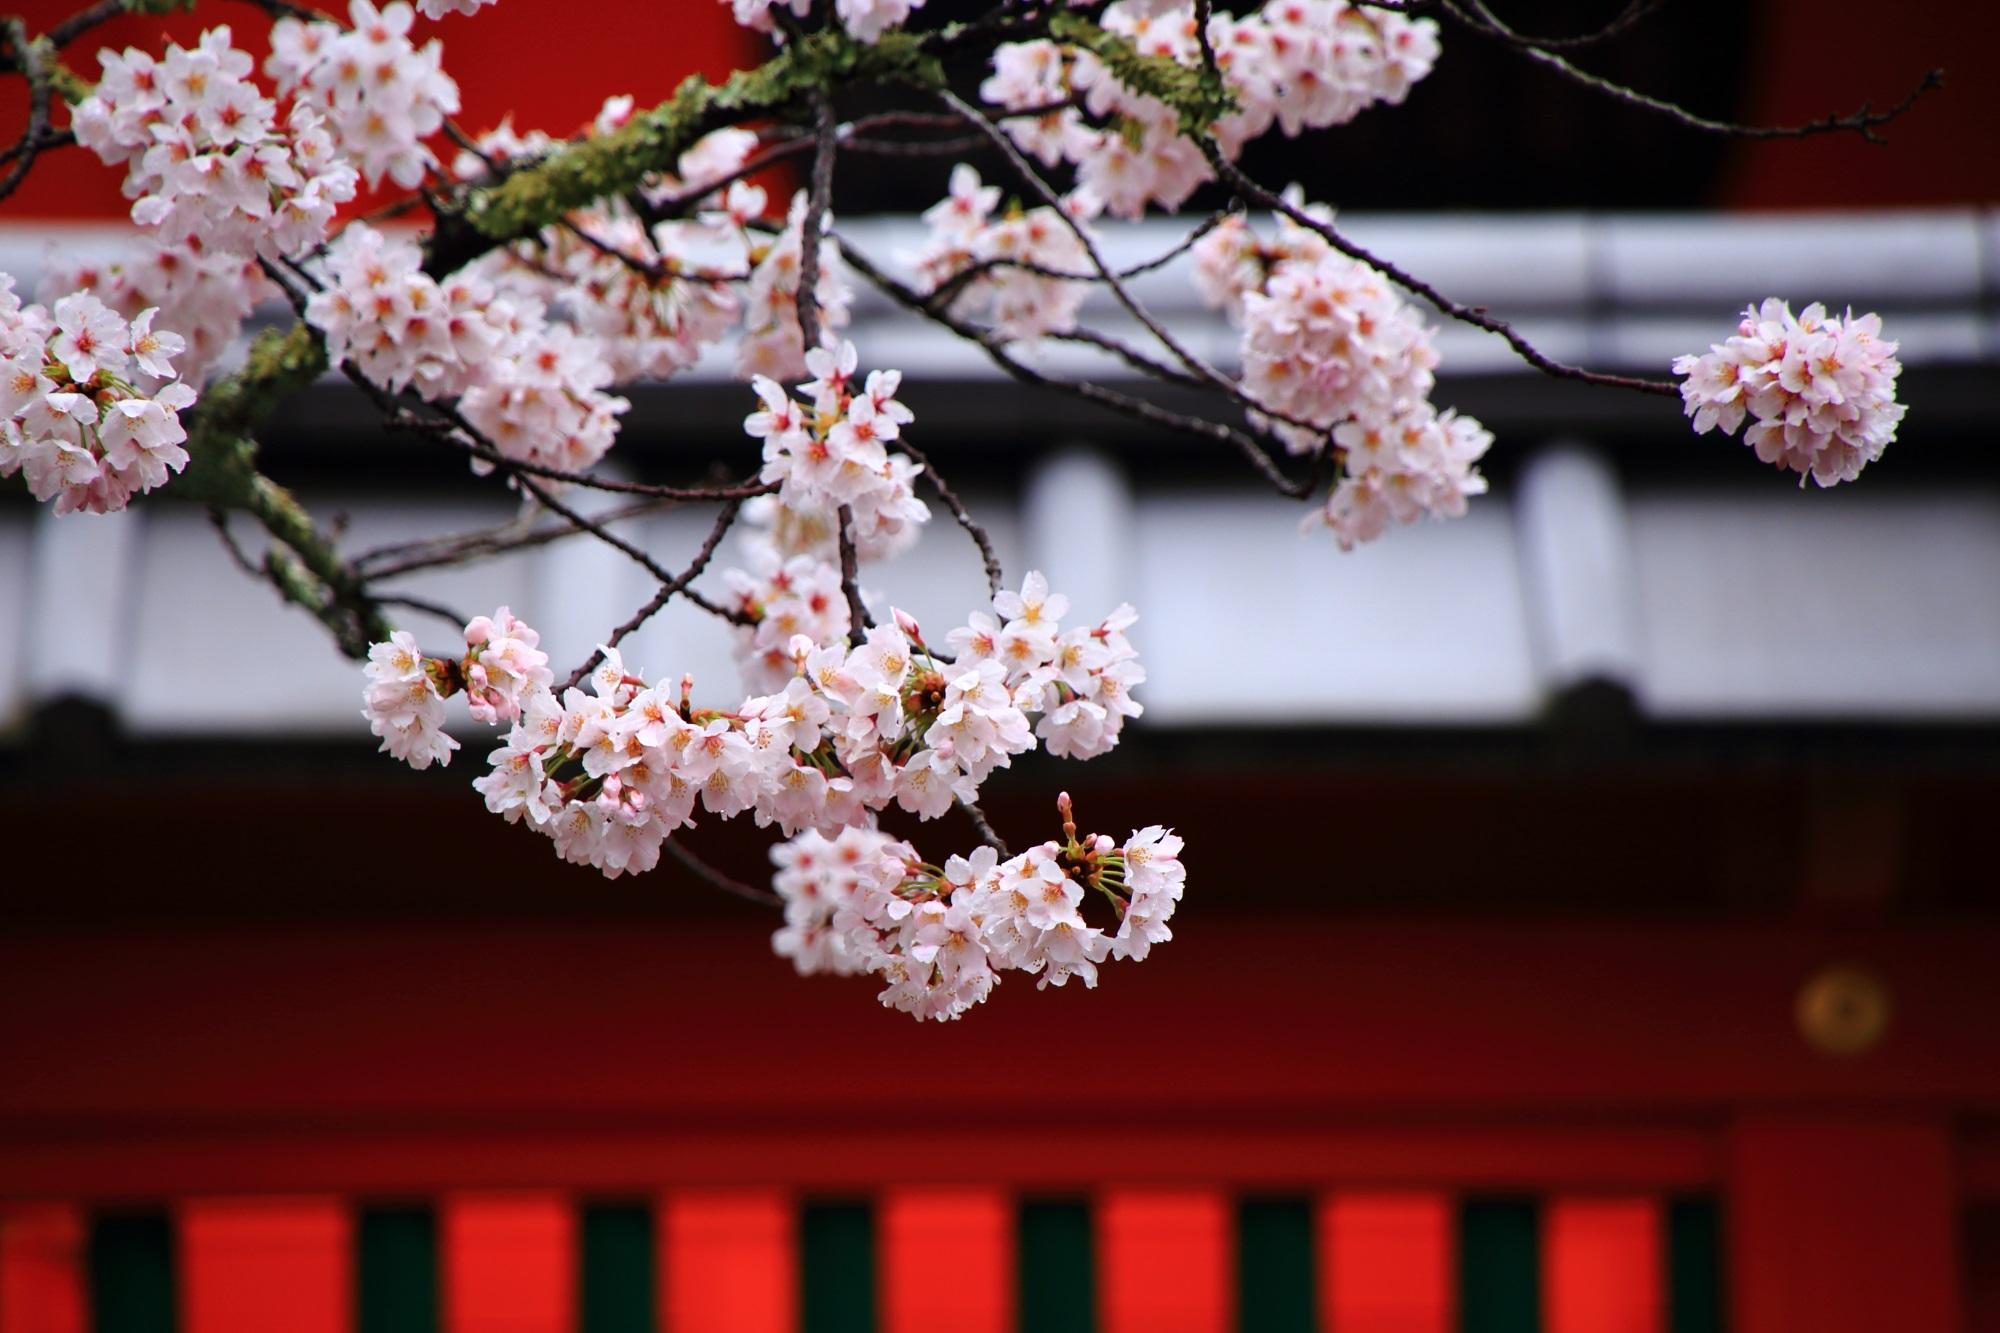 華やかさと風情を併せ持った桜